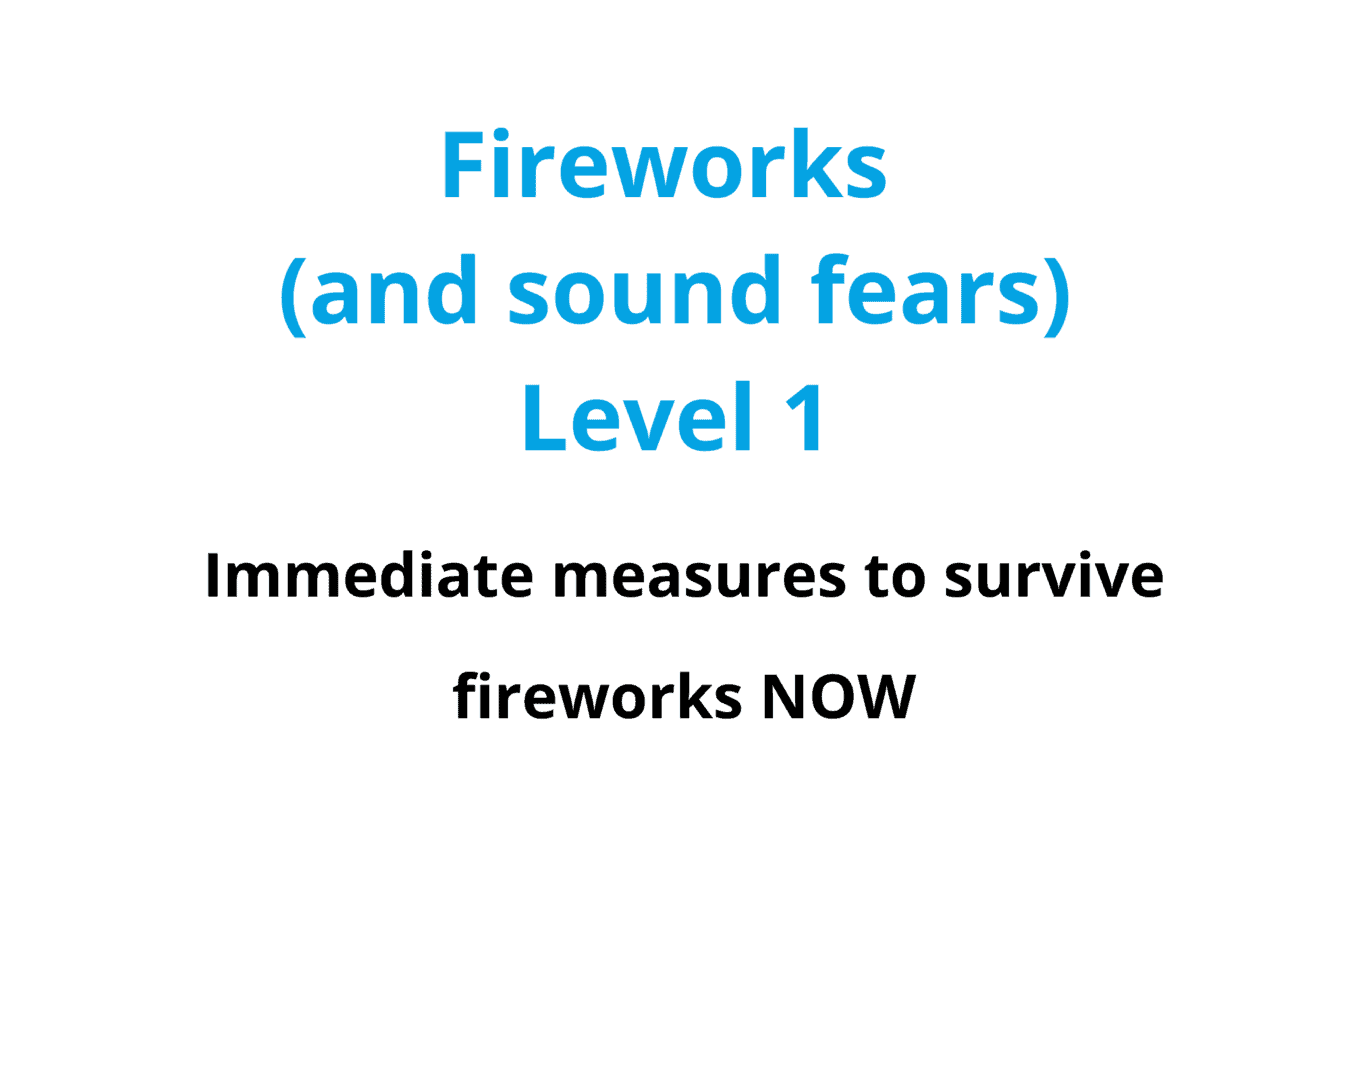 Fireworks1_Hover.png